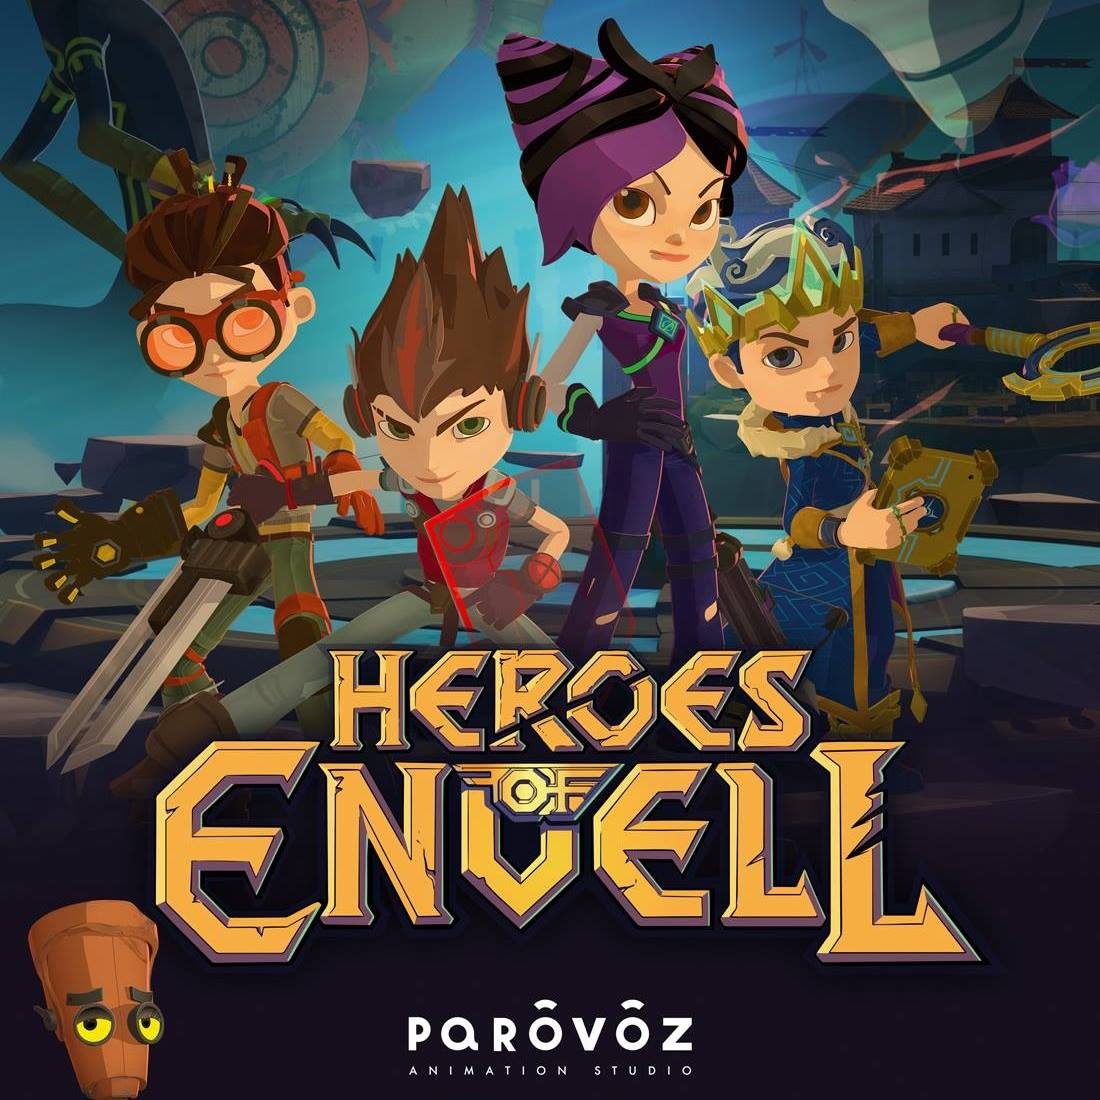 Los héroes de Envell